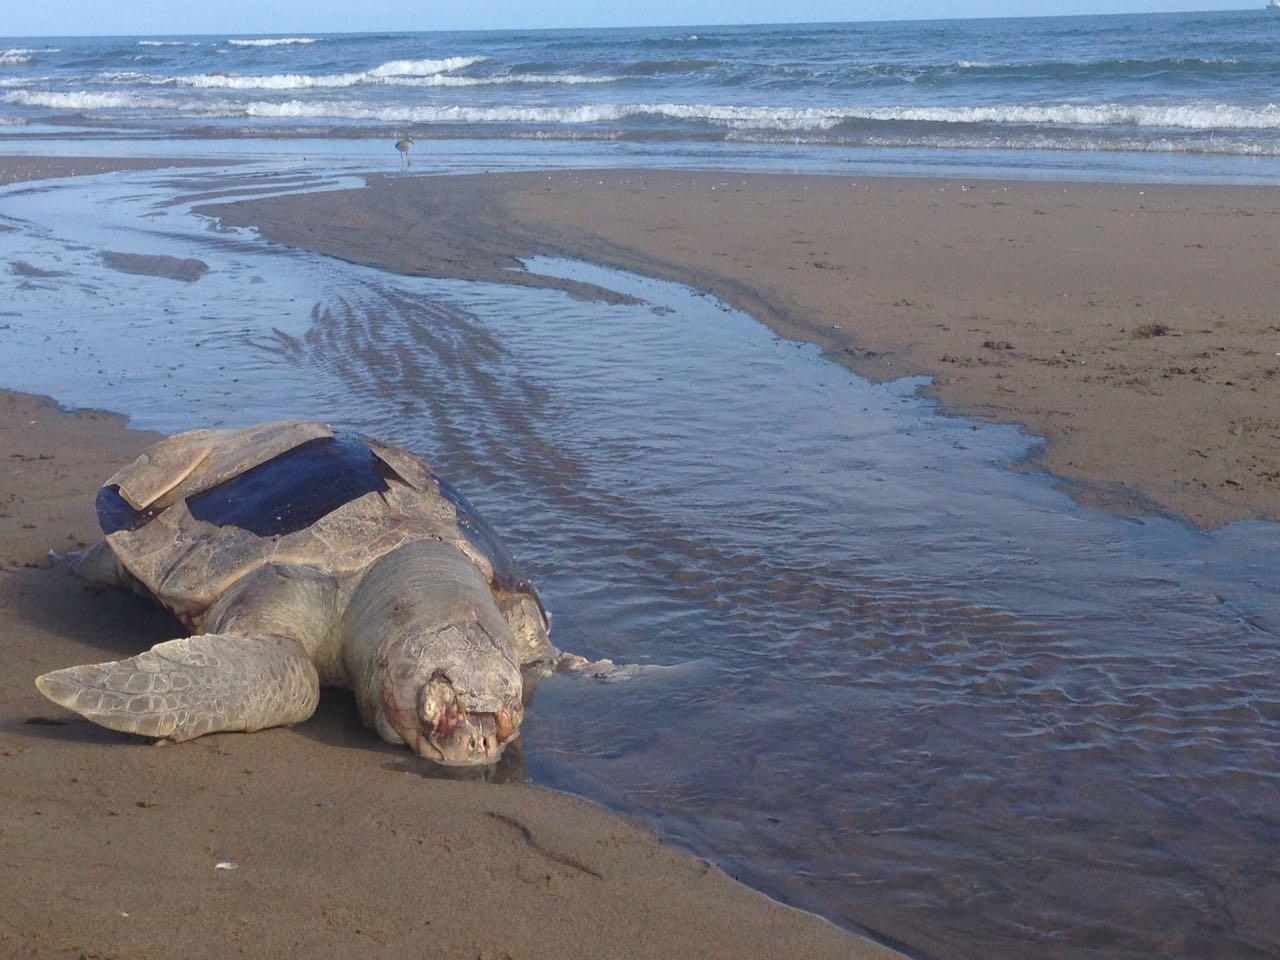 Aparece otra tortuga muerta en playa de Coatzacoalcos